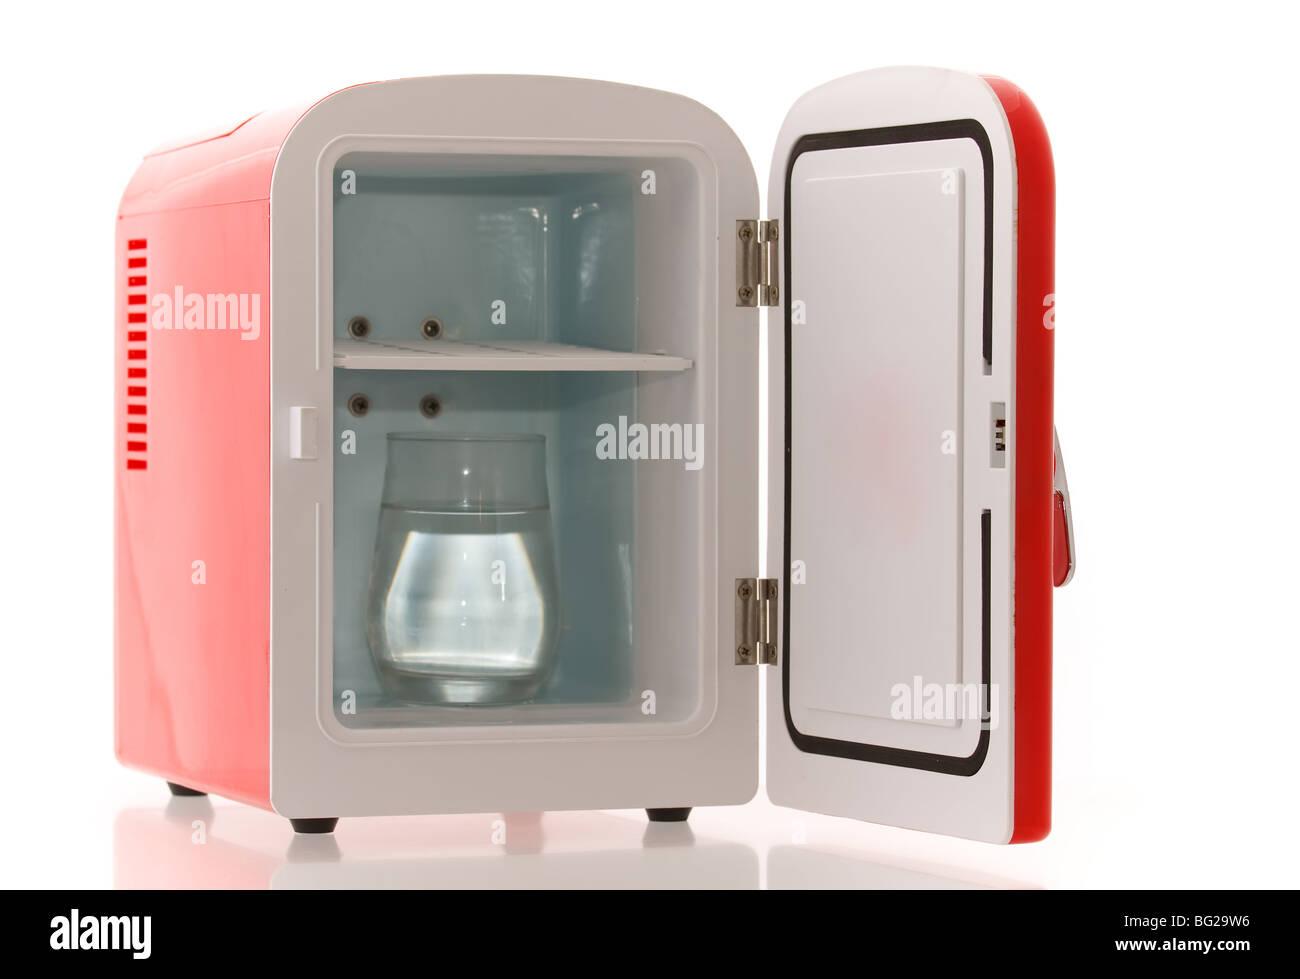 Mini Kühlschrank : Glänzend hell rot mini kühlschrank stockfoto bild  alamy